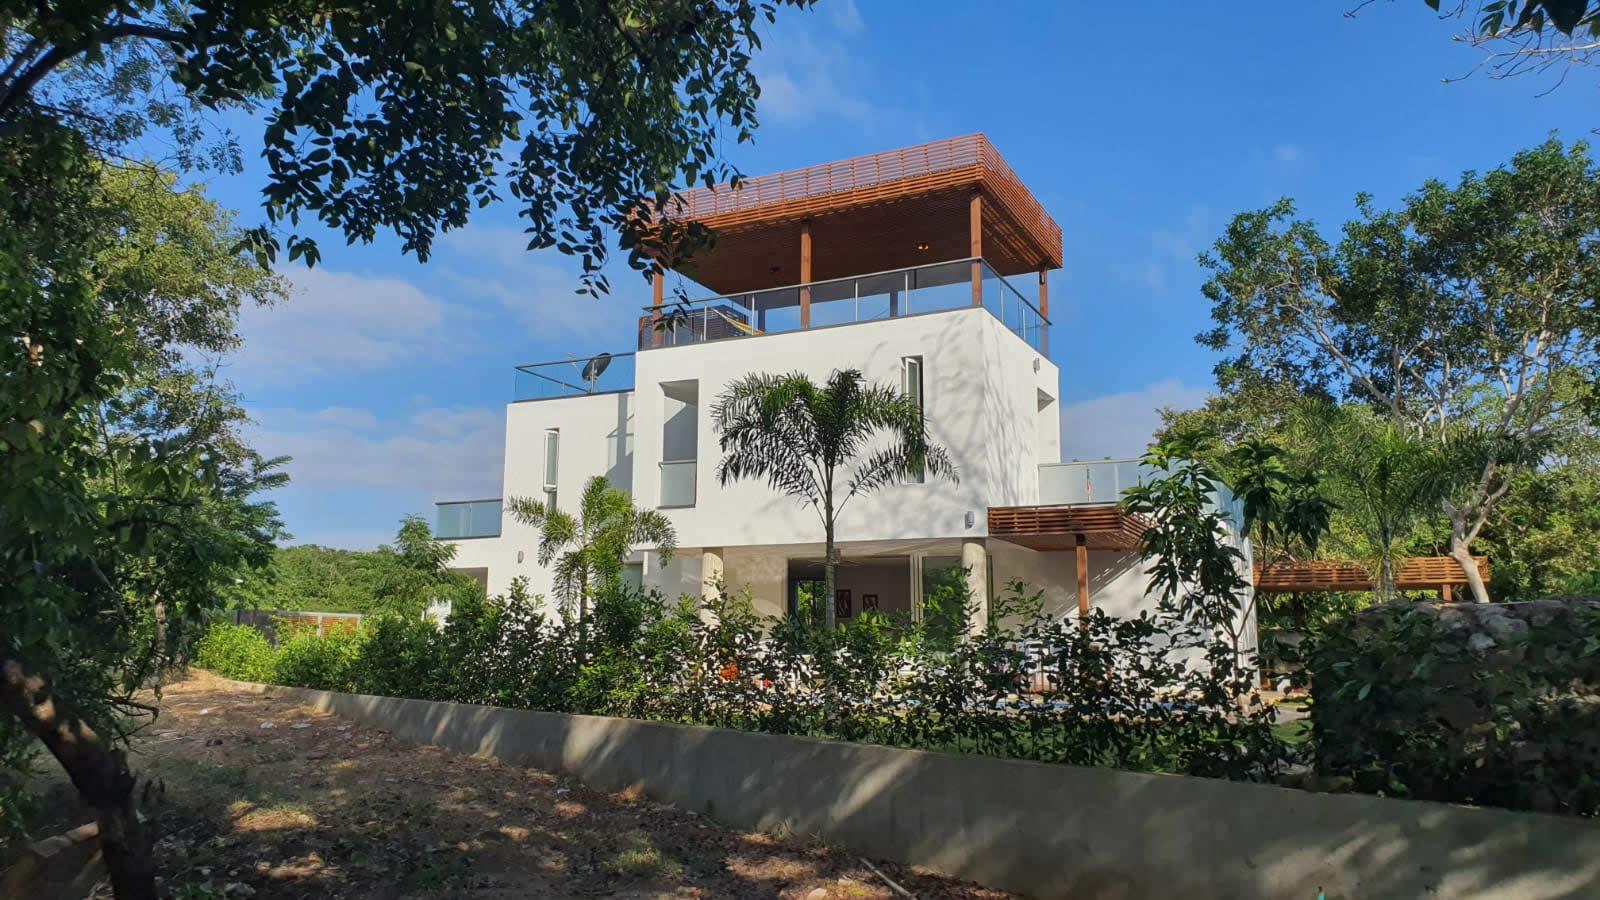 Barugrande Casa 1